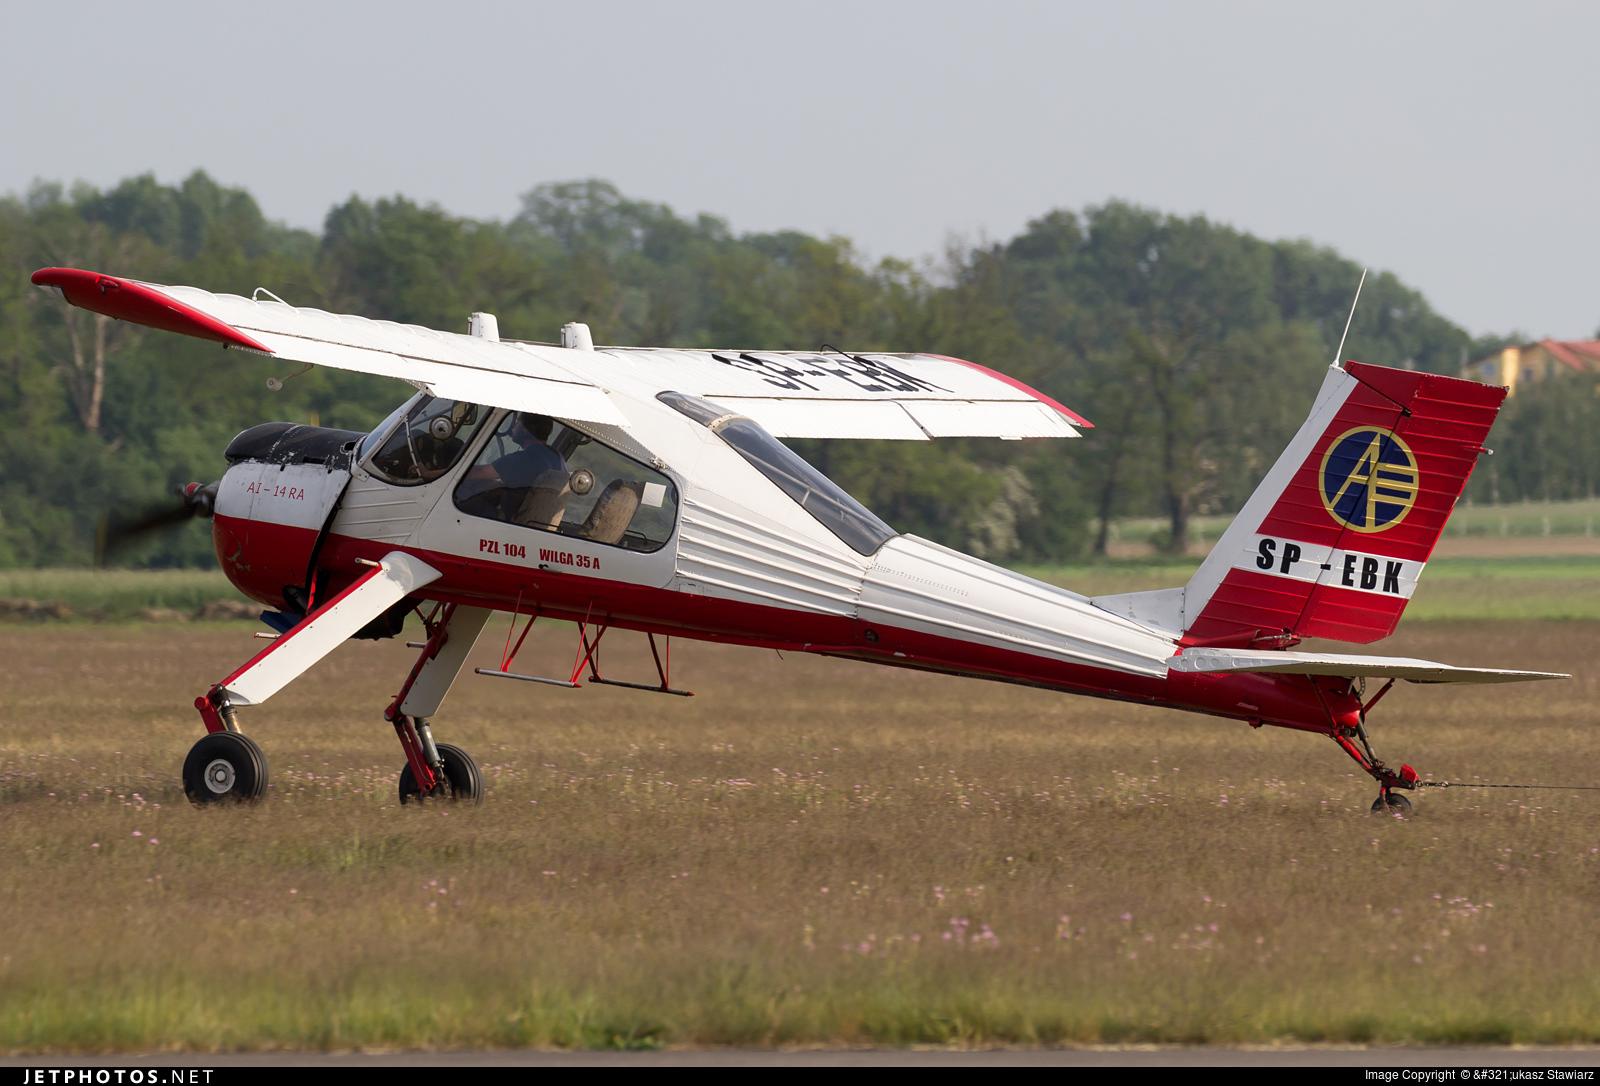 SP-EBK - PZL-Okecie 104 Wilga 35 - Aero Club - Wloclawski